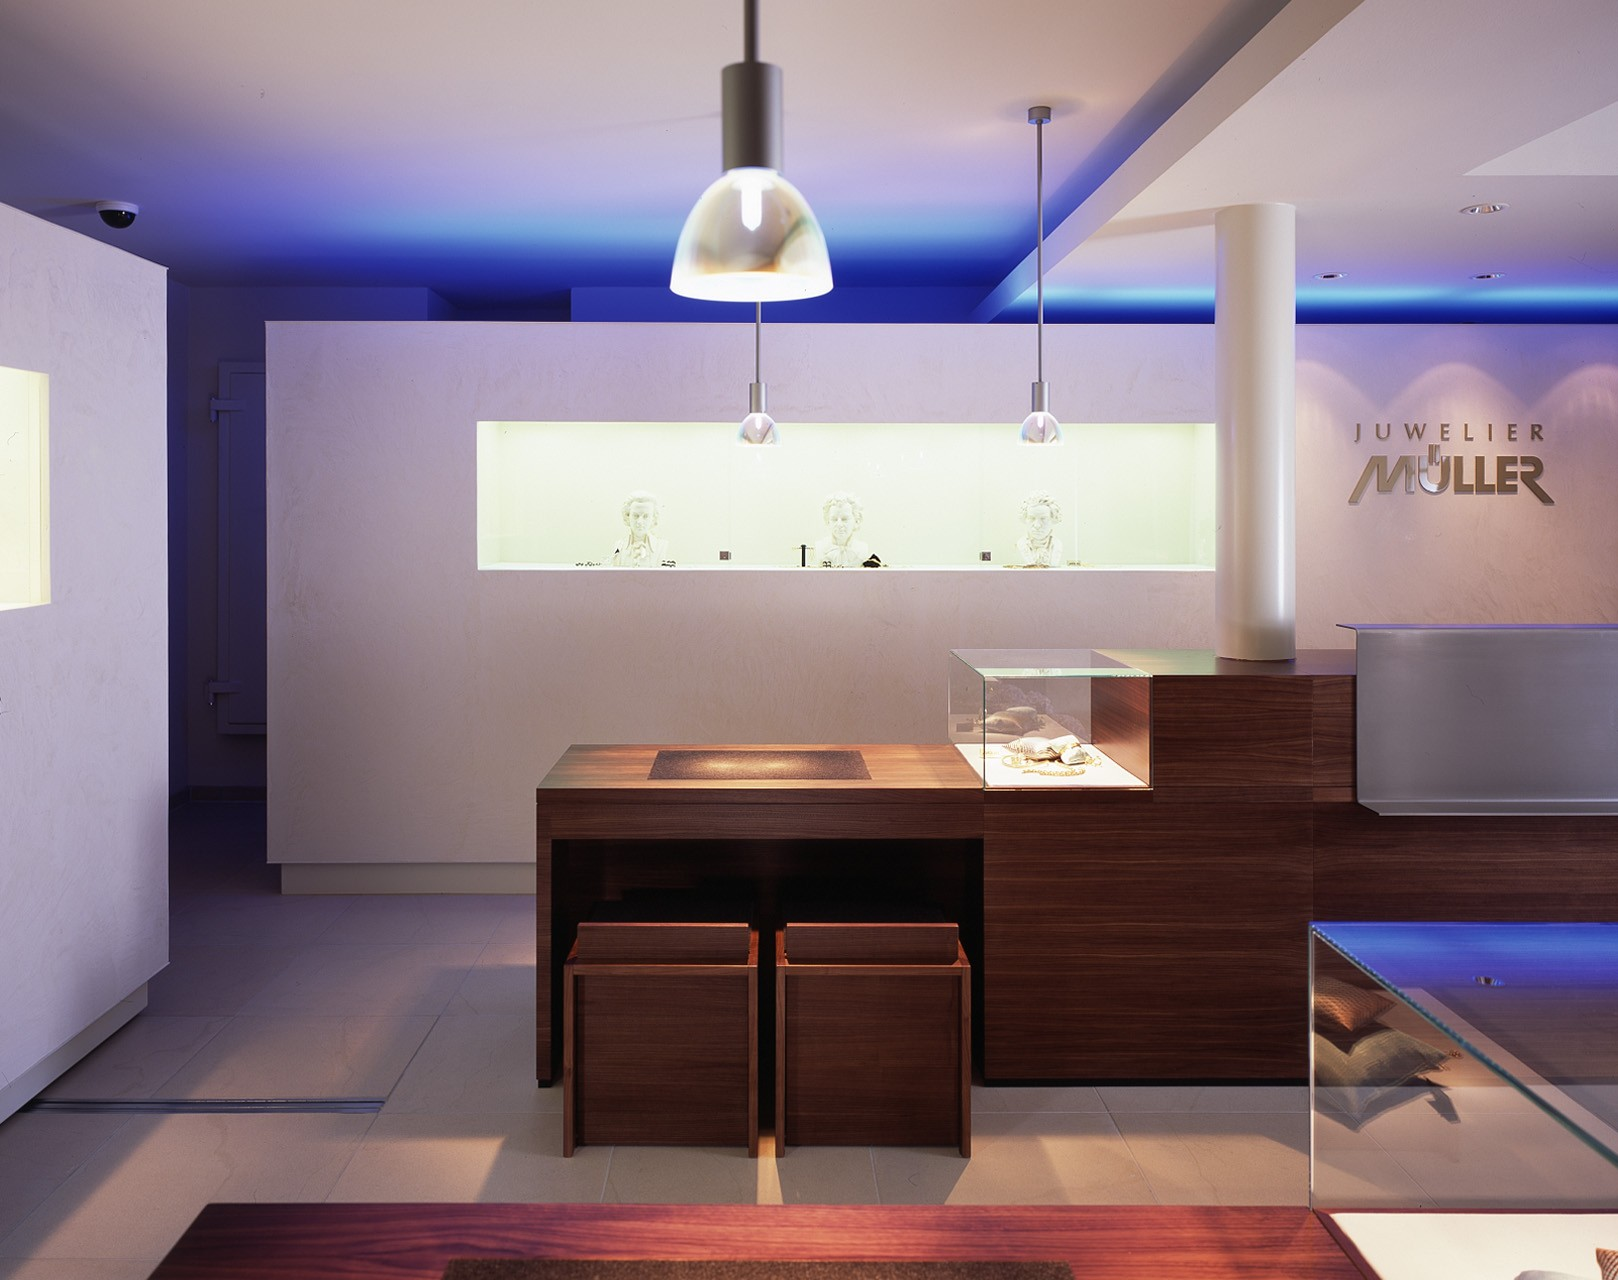 architektur-plus-raum-juwelier-mueller-10_Katego-header-8